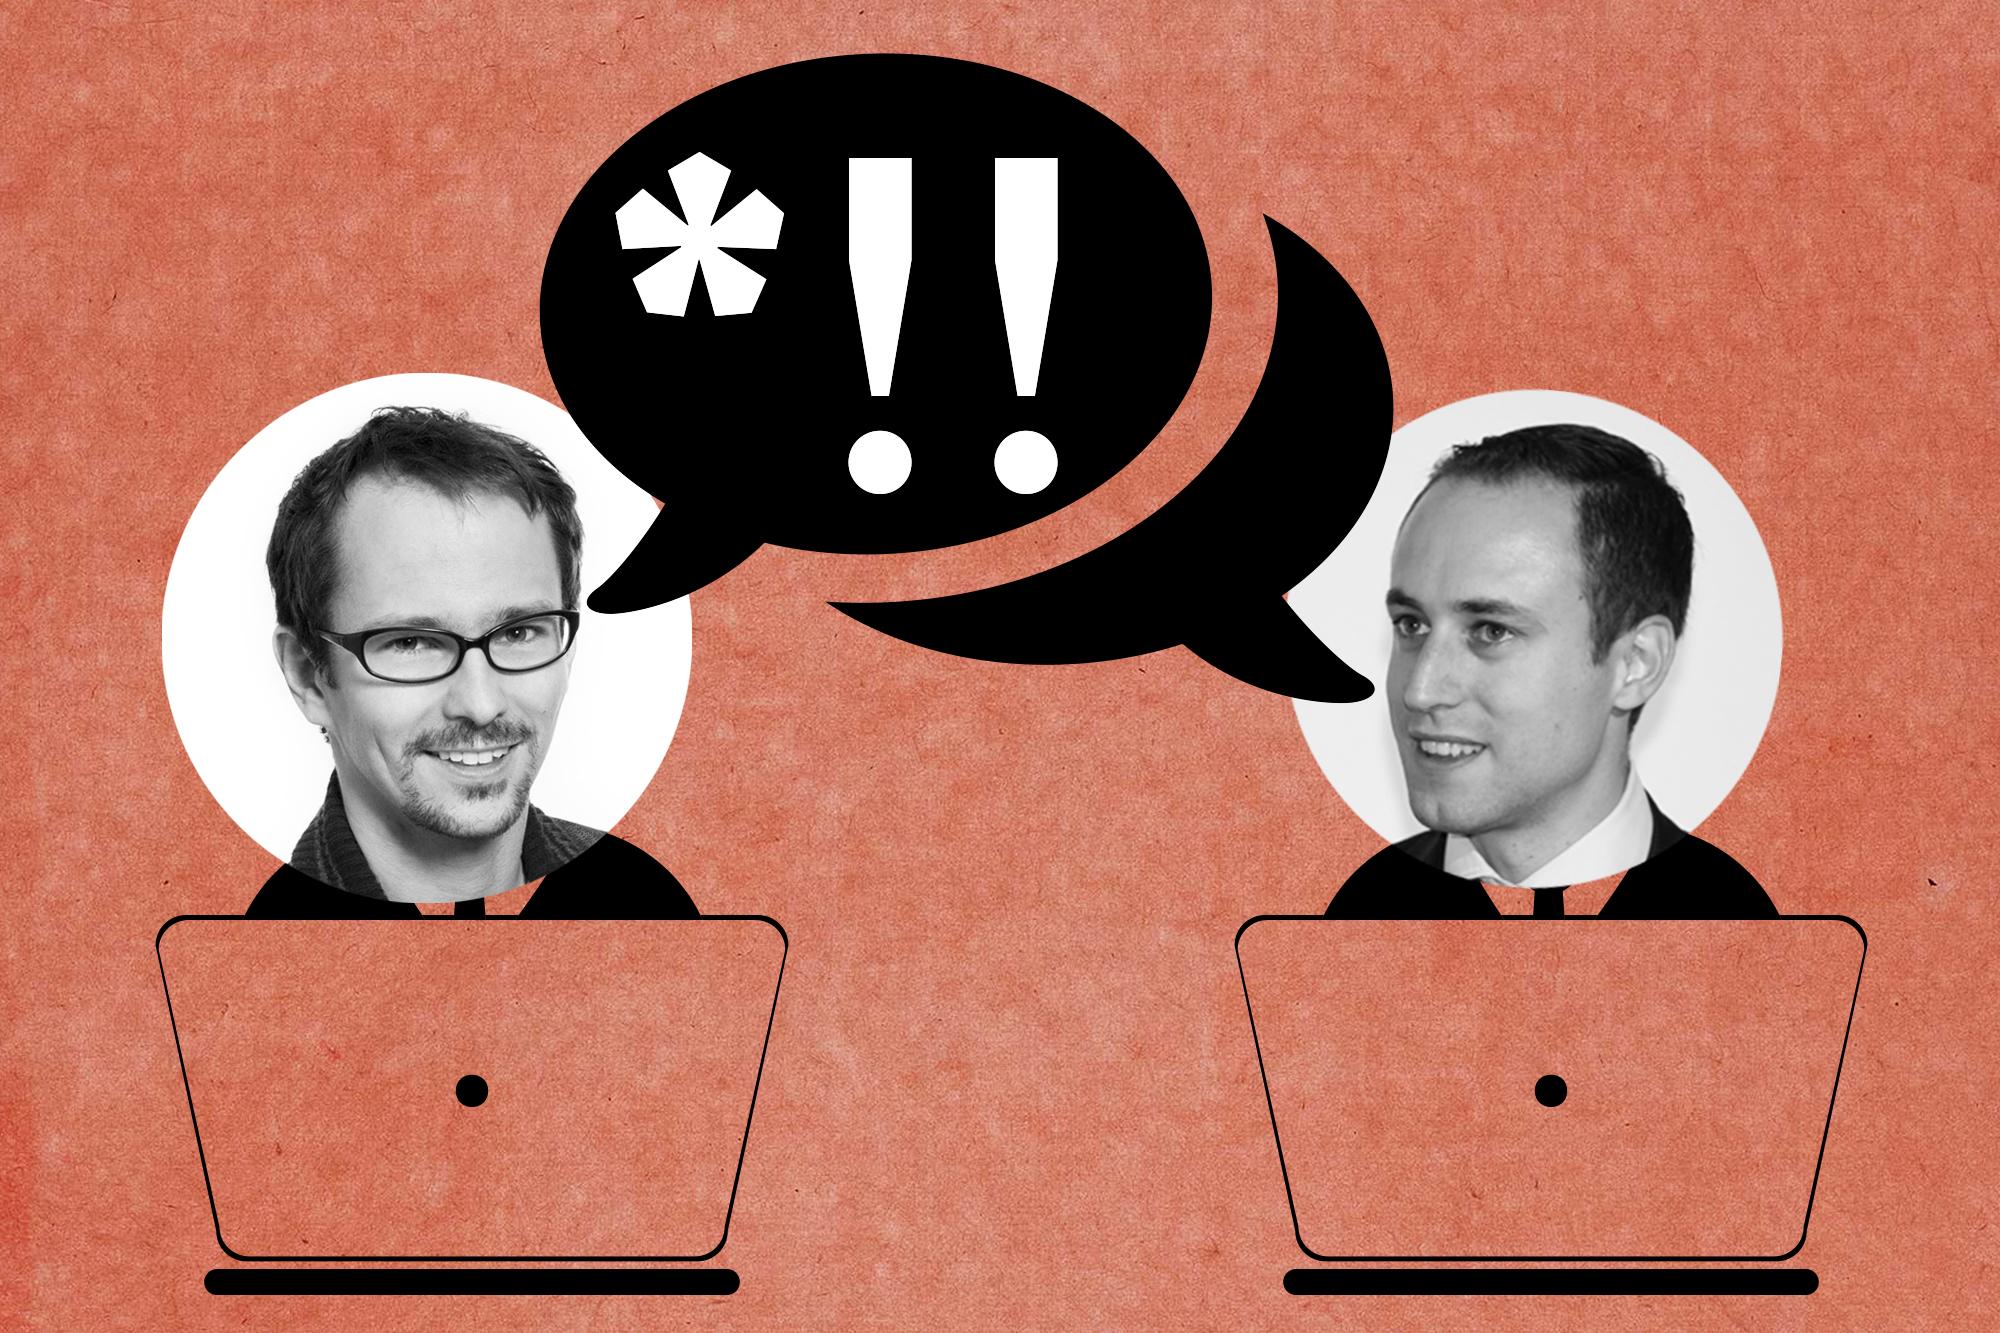 Sinn und Unsinn einer neuen TV-Abgabe: Balthasar Glättli und Christian Wasserfallen streiten online über das RTVG-Referendum.